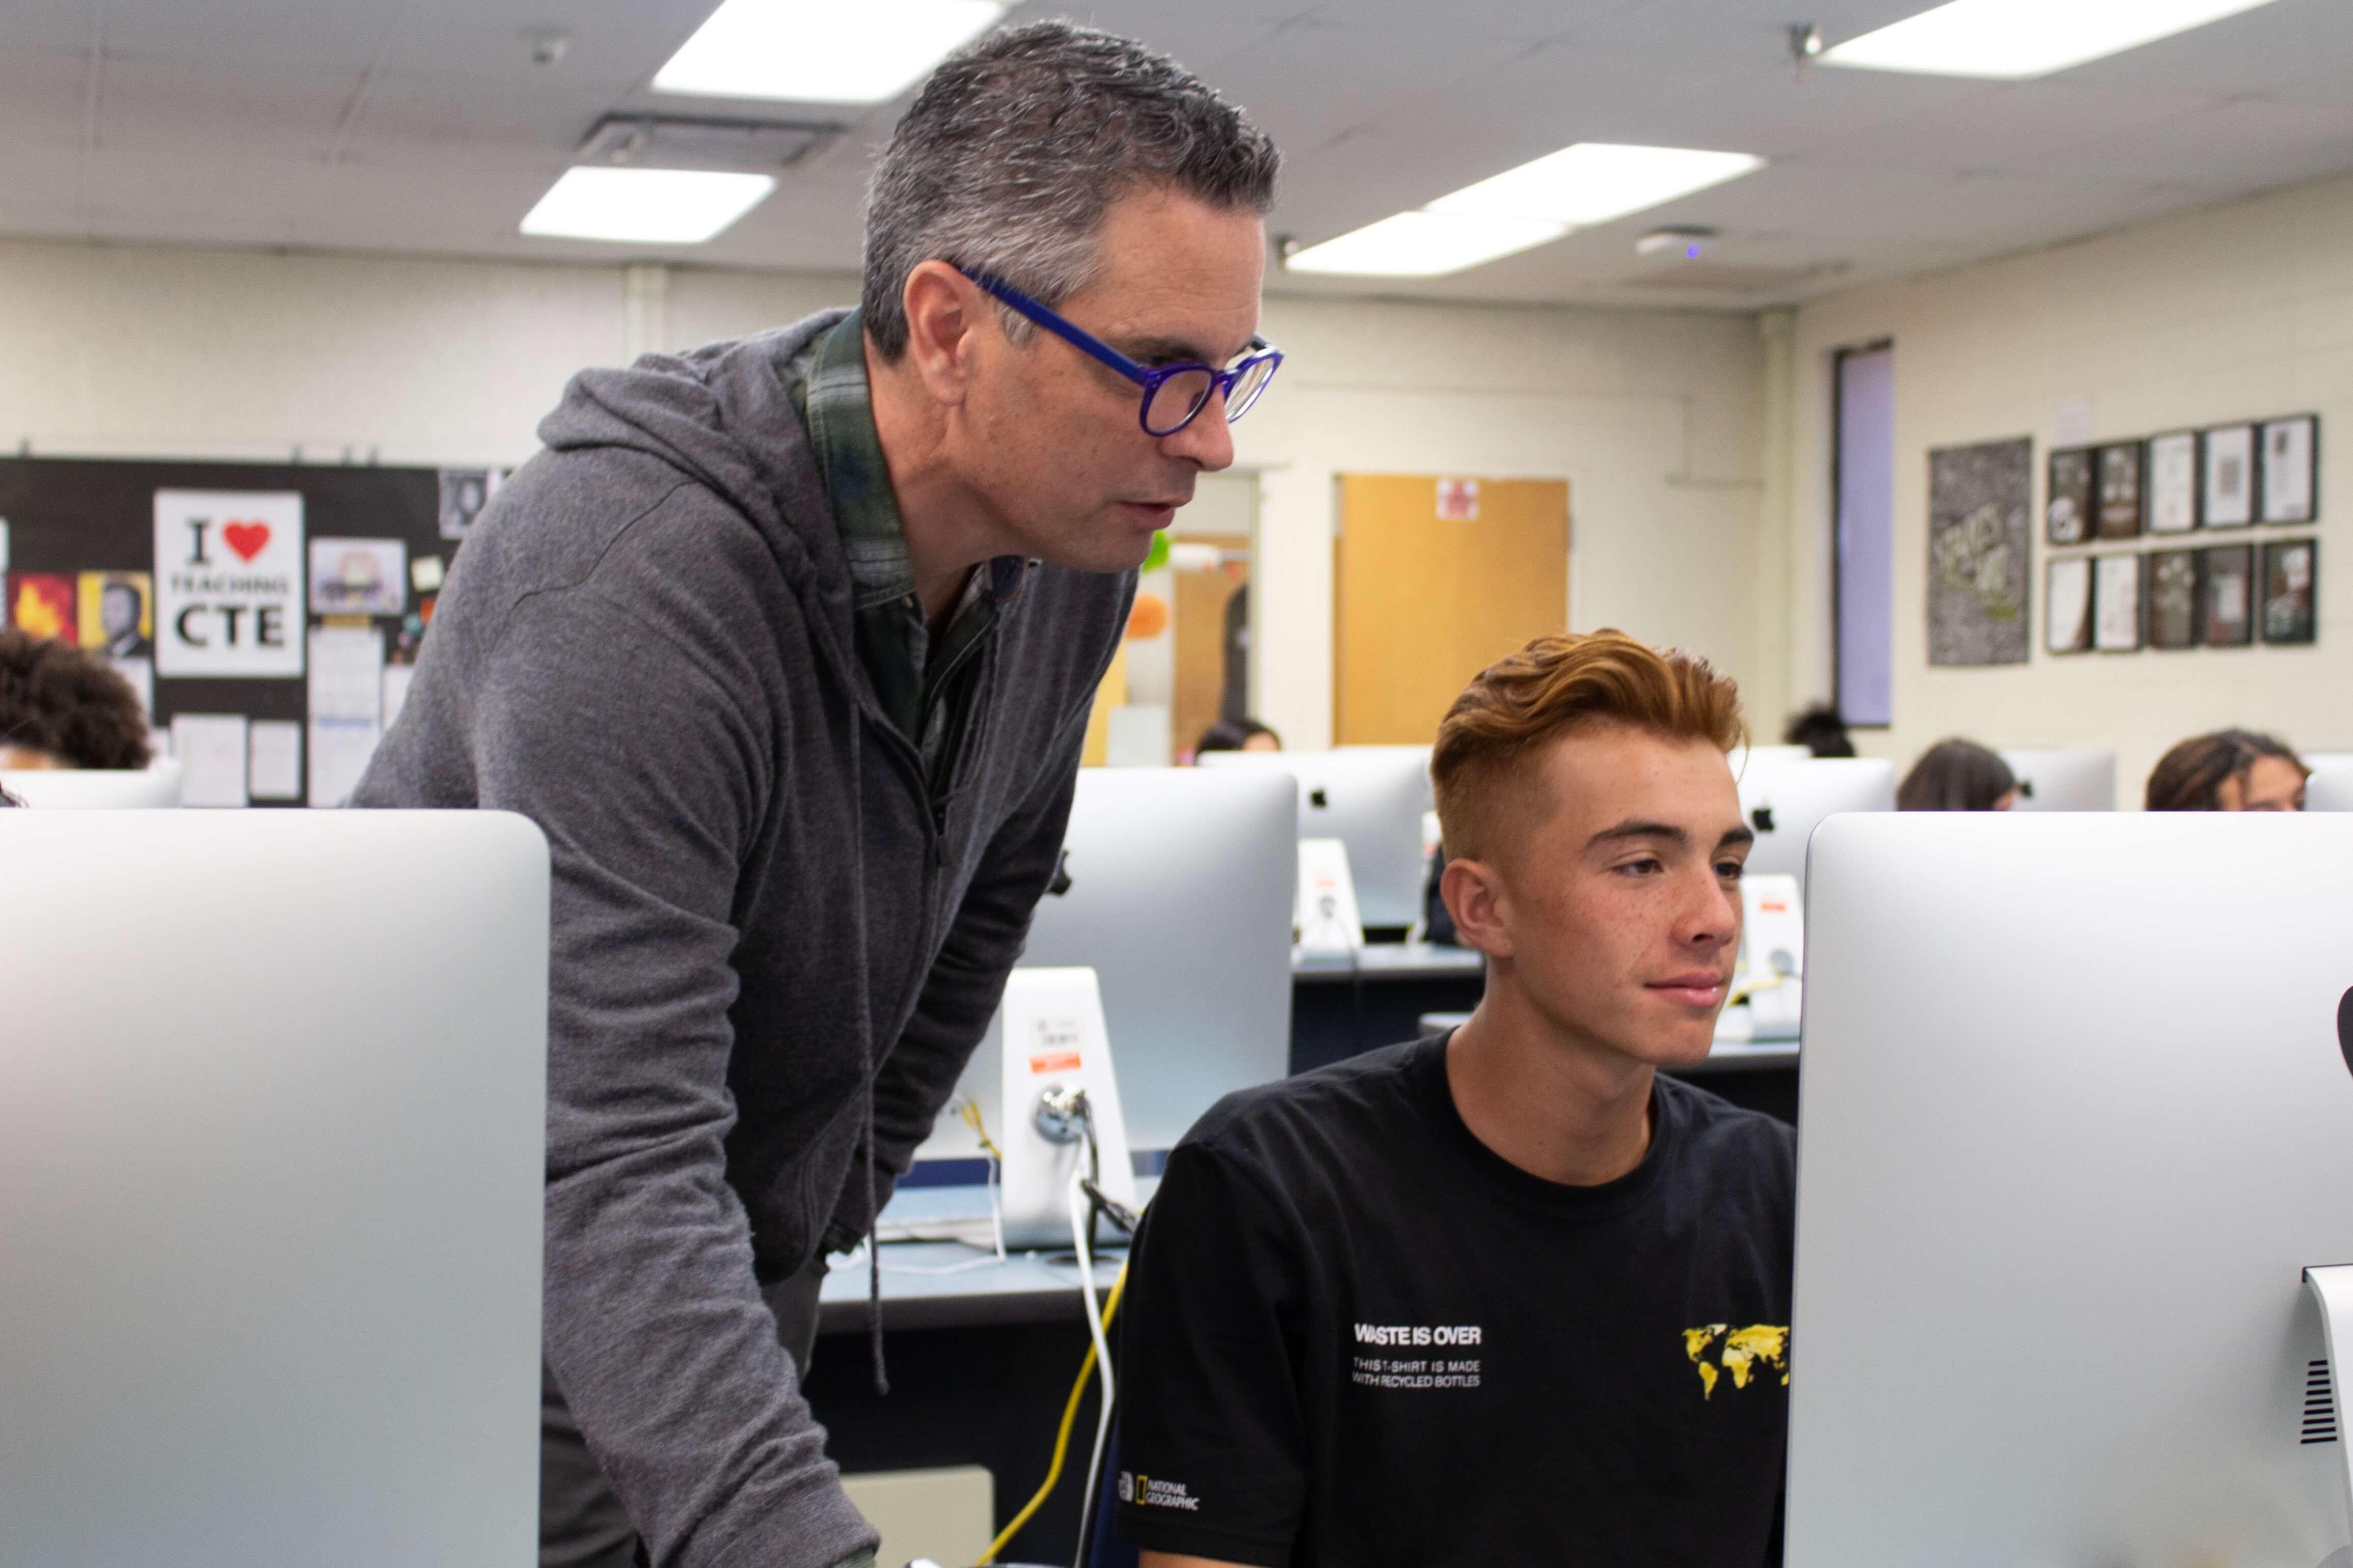 Singular for Schools trains students at John F. Kennedy High School